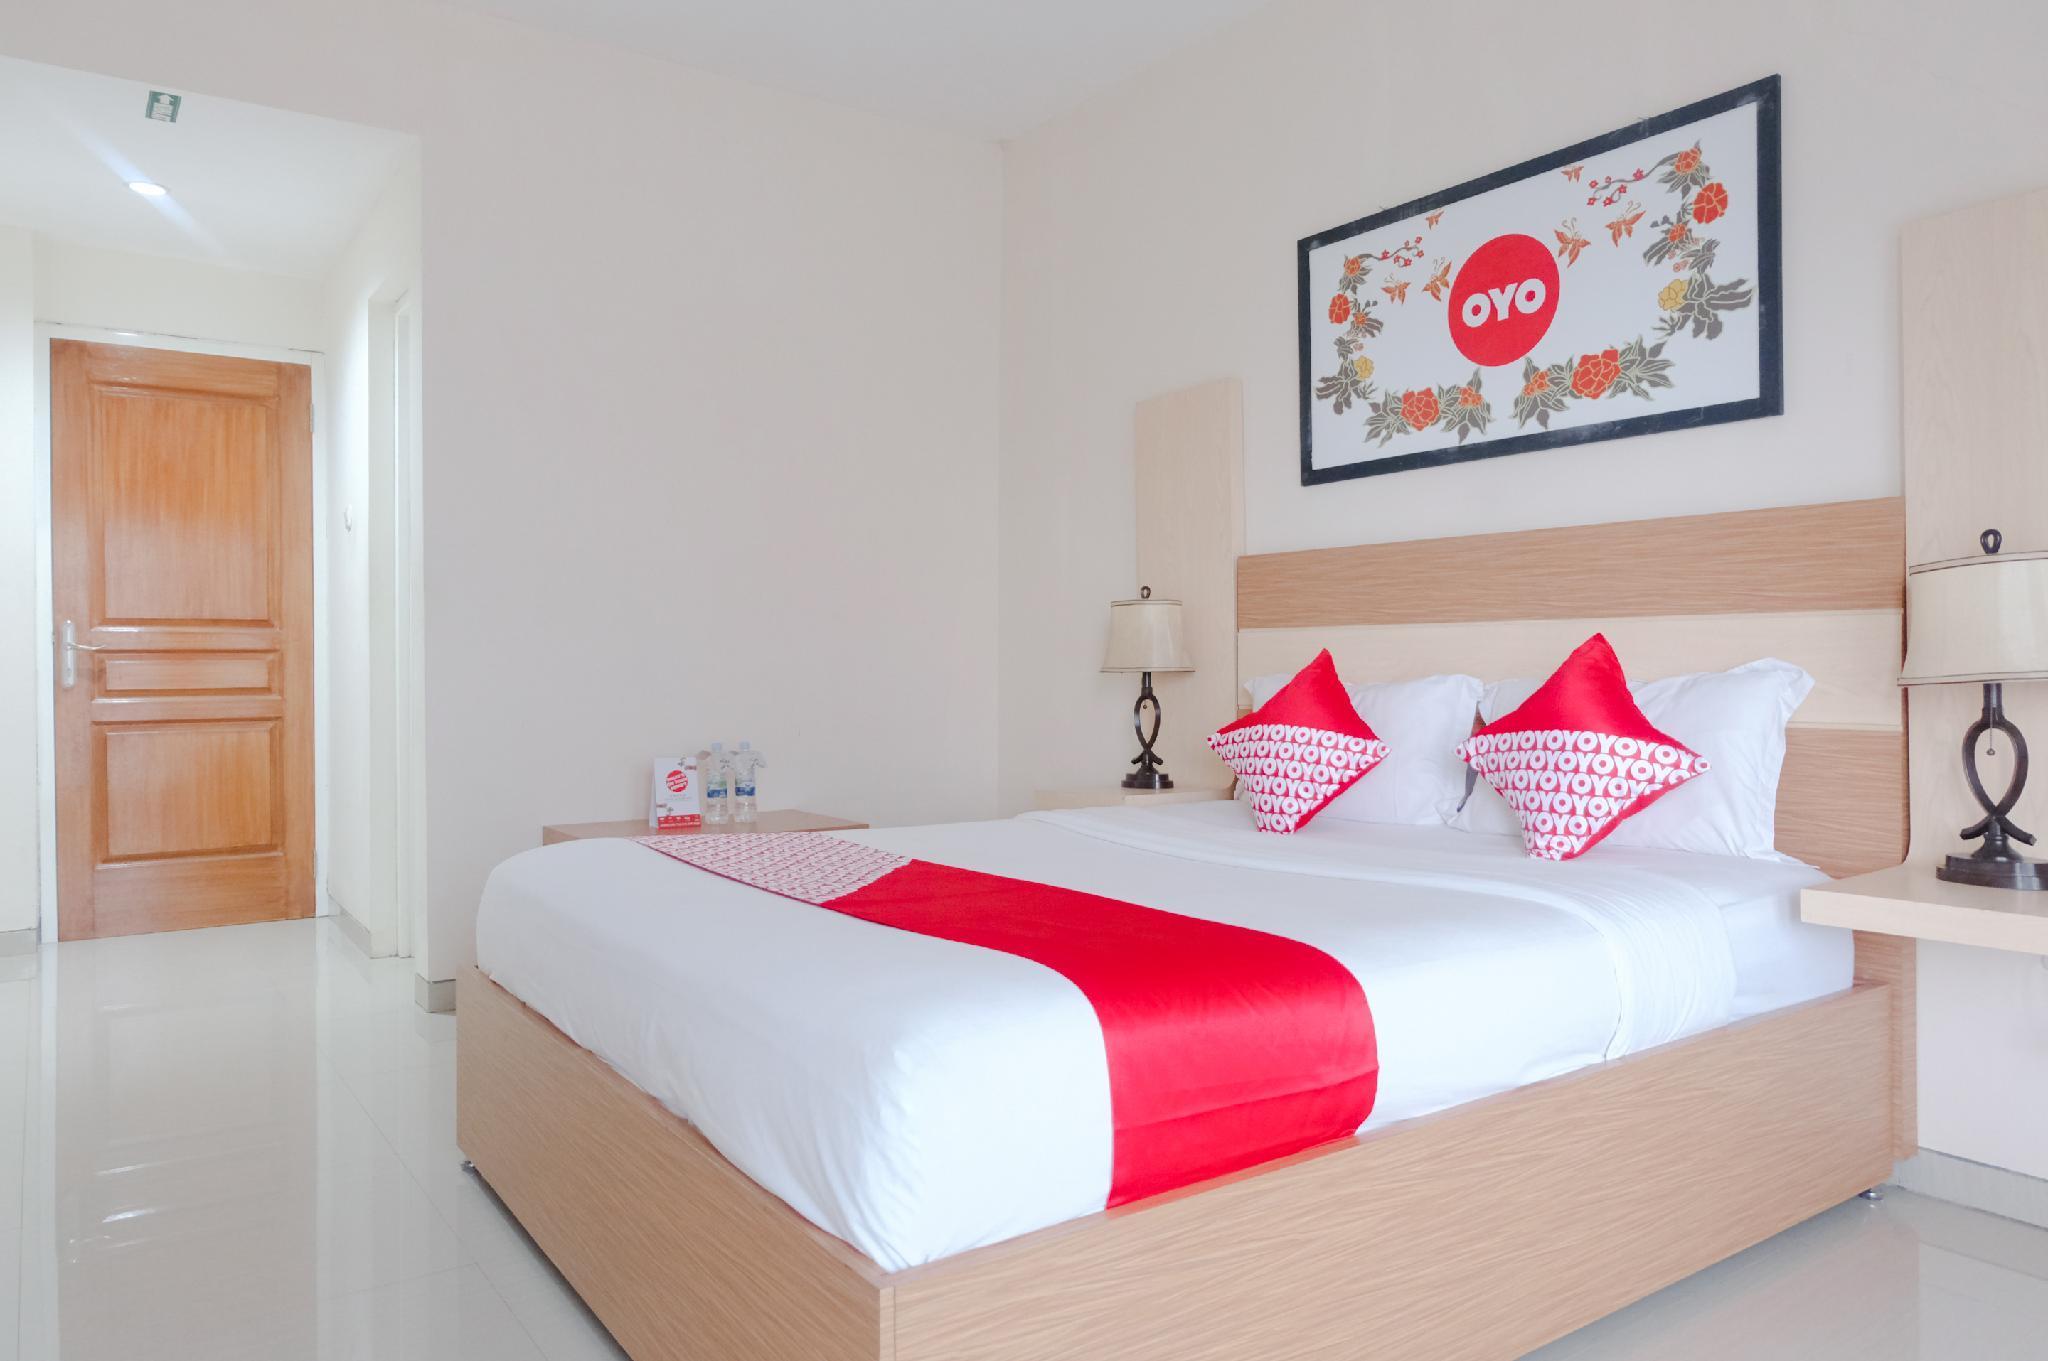 Oyo 696 Hasanah Guest House Syariah De Saphire Malang Booking Deals Photos Reviews